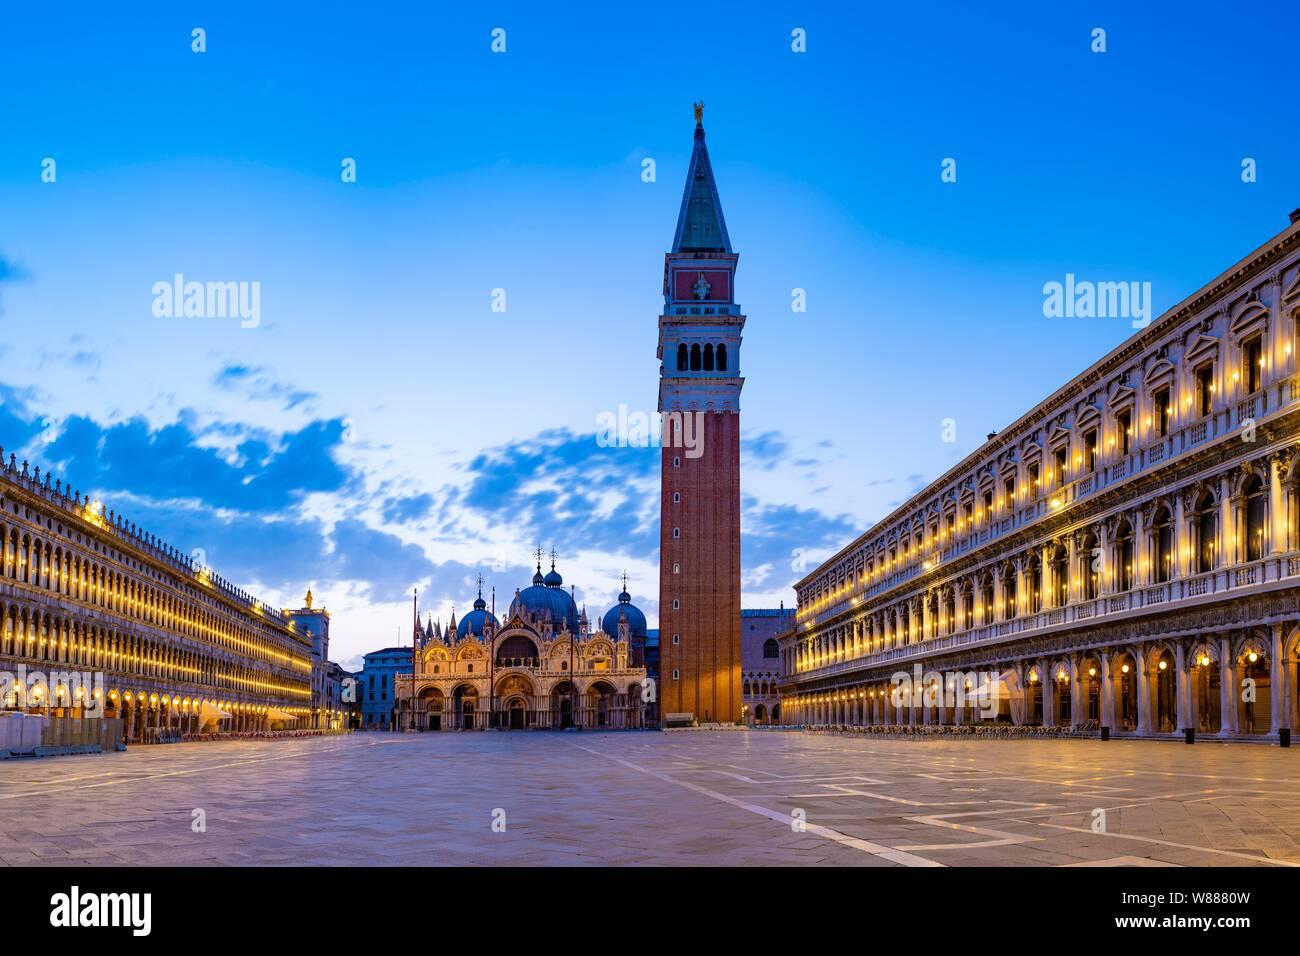 La Place Saint Marc le matin avec le clocher de Campanile et la Basilique St Marc, San Marco, Venise, Vénétie, Italie Banque D'Images